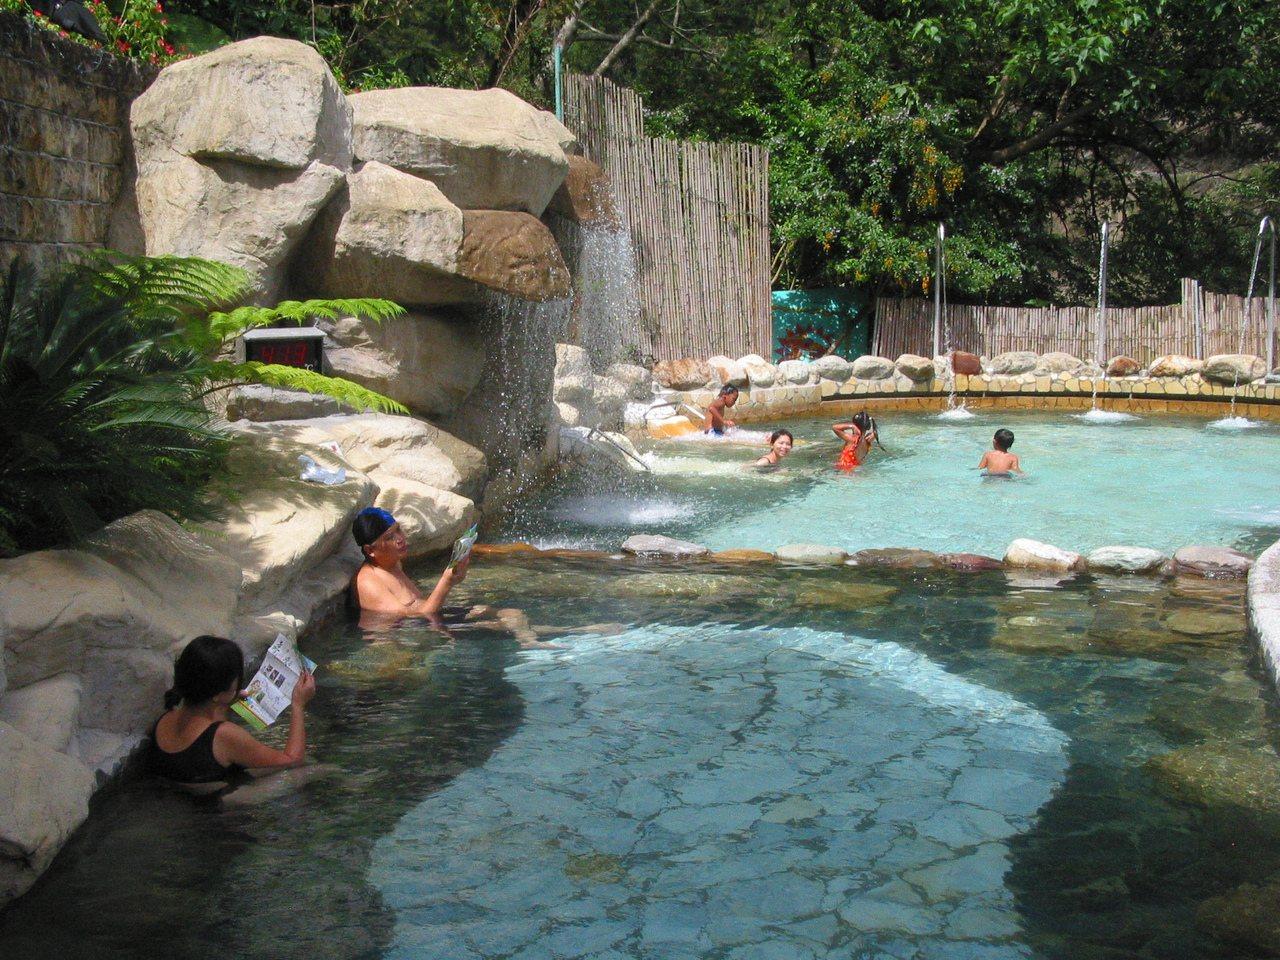 天龍飯店湯池,常有遊客一邊看地圖一邊泡湯,度假氣氛濃。 圖/周立芸 攝影